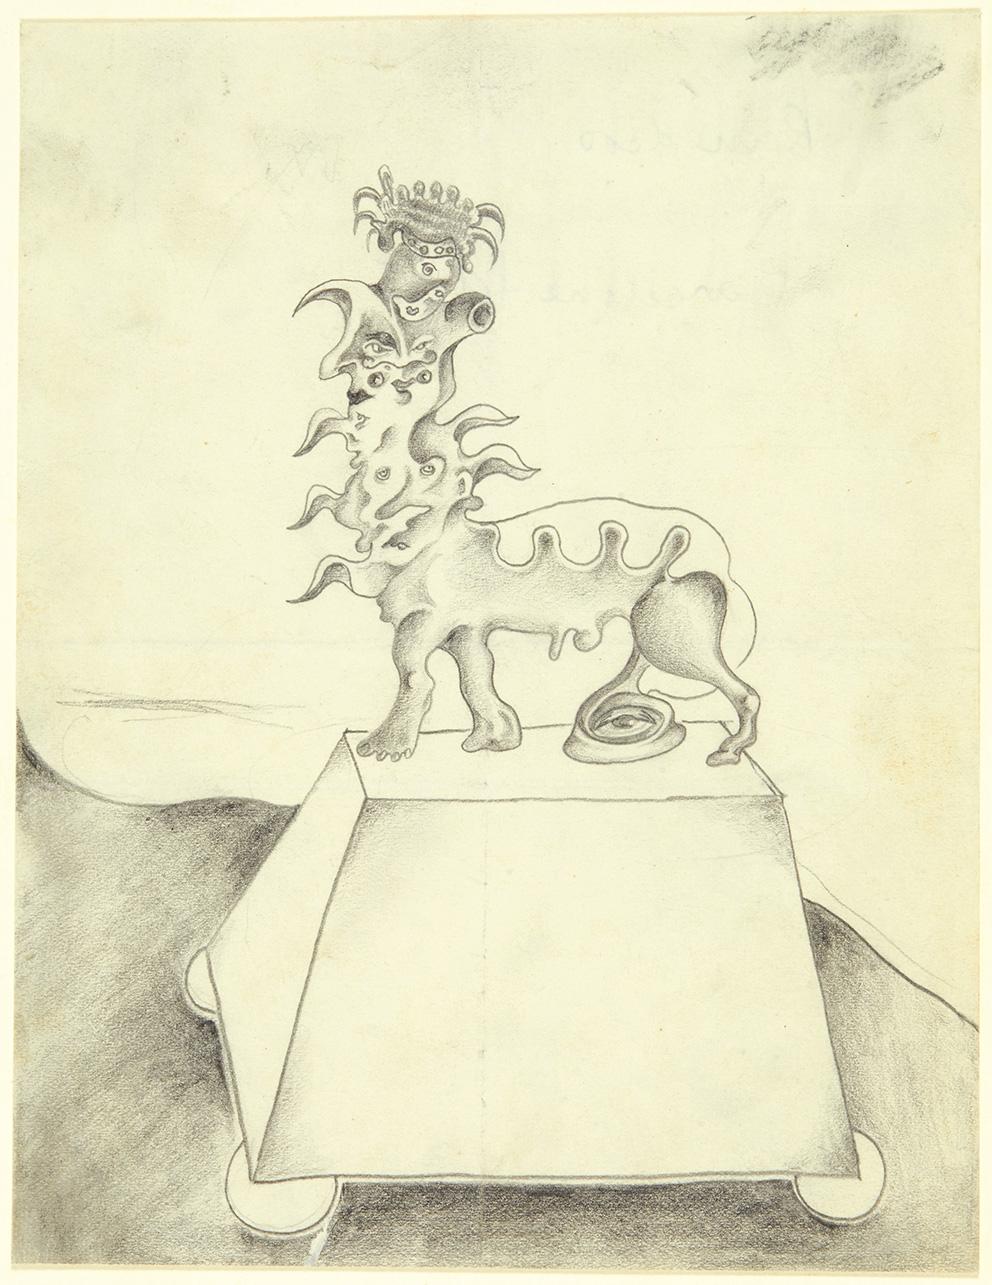 Remedios Varo Uranga (1908-1963), Monument à une voyante, Barcelone, 1935,dessin au crayon noir et estompe, 17,5x13,7cm. Estimation: 5